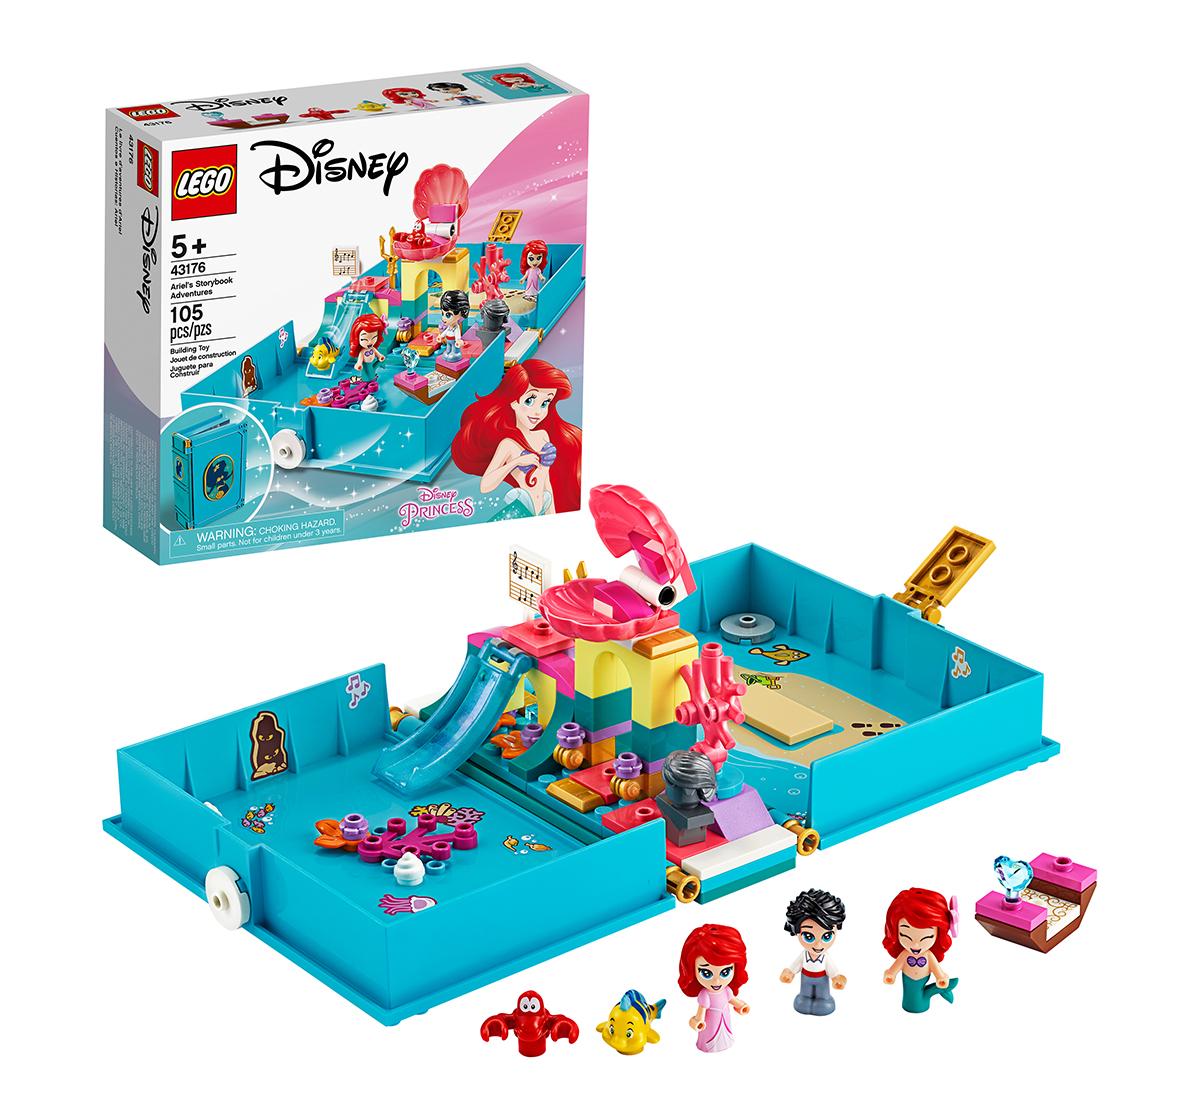 LEGO | LEGO 43176 Ariel's Storybook Adventures Lego Blocks for Girls age 5Y+